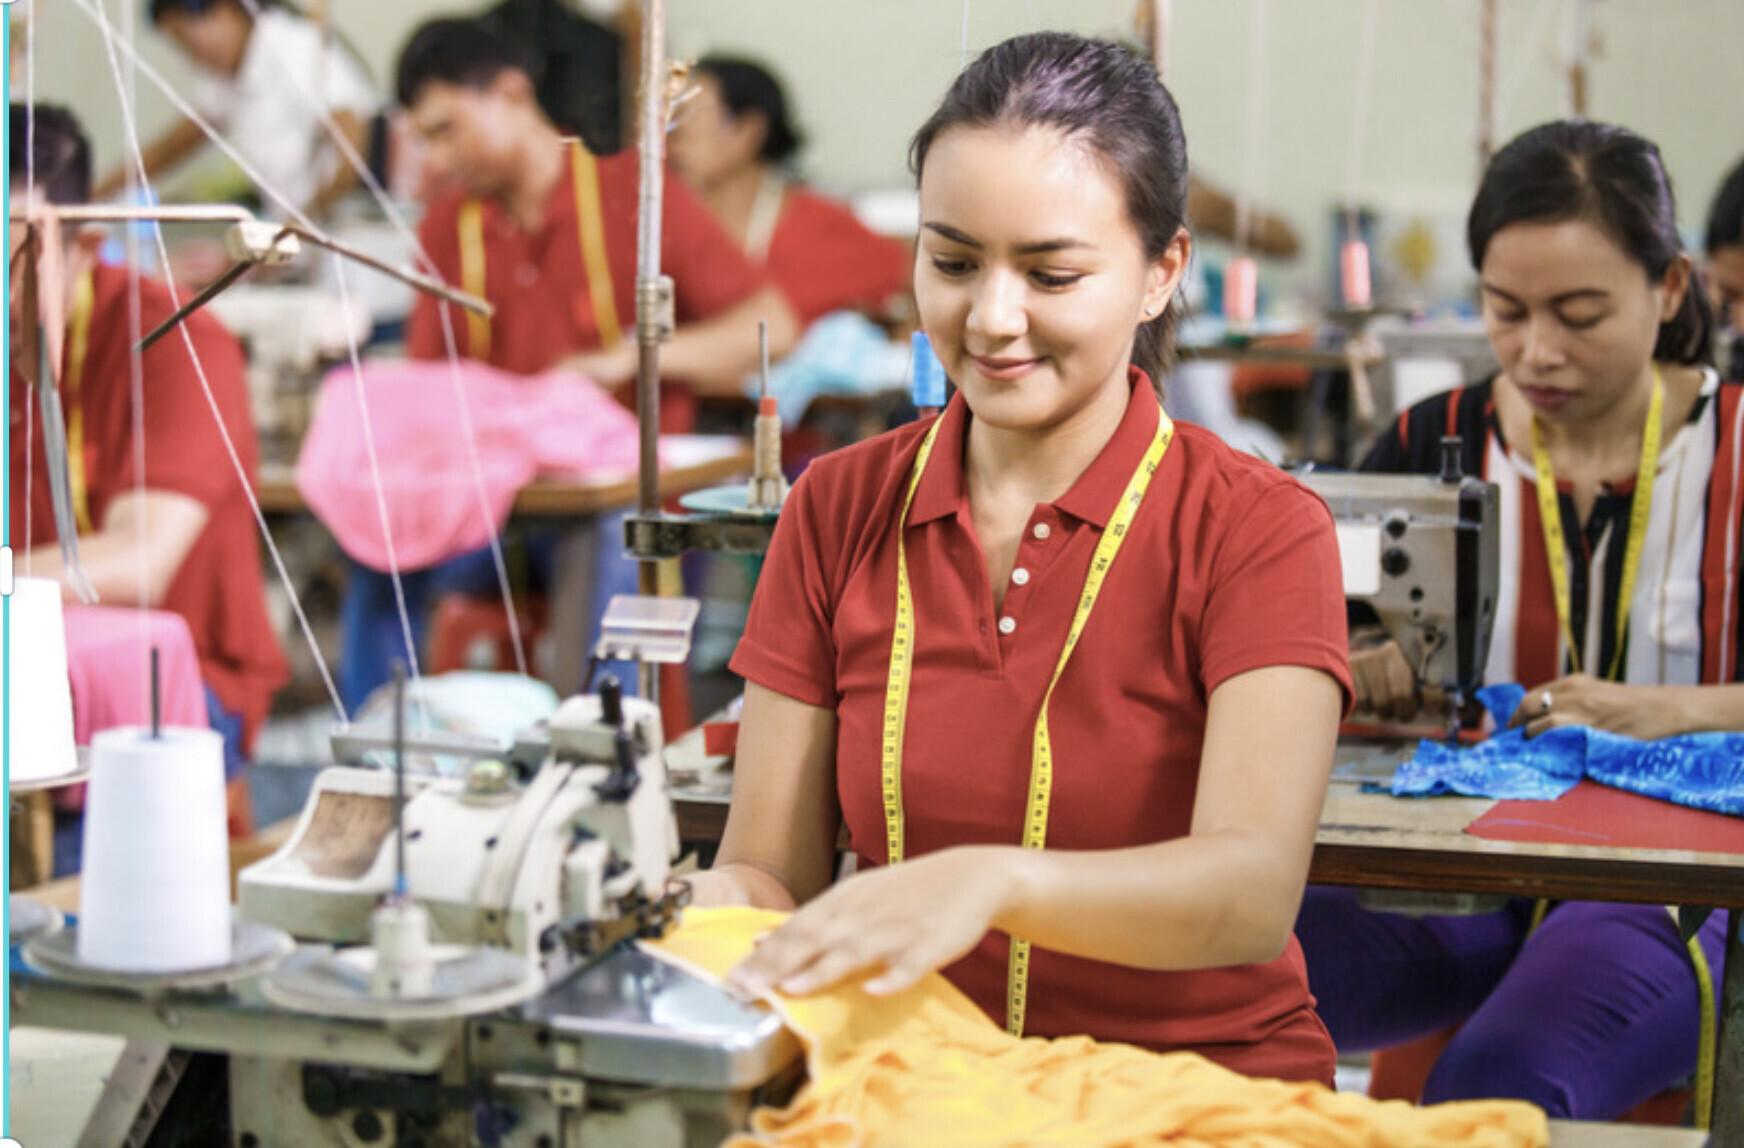 АйЭль - Бизнес-профиль компании на lalafo.kg | Кыргызстан